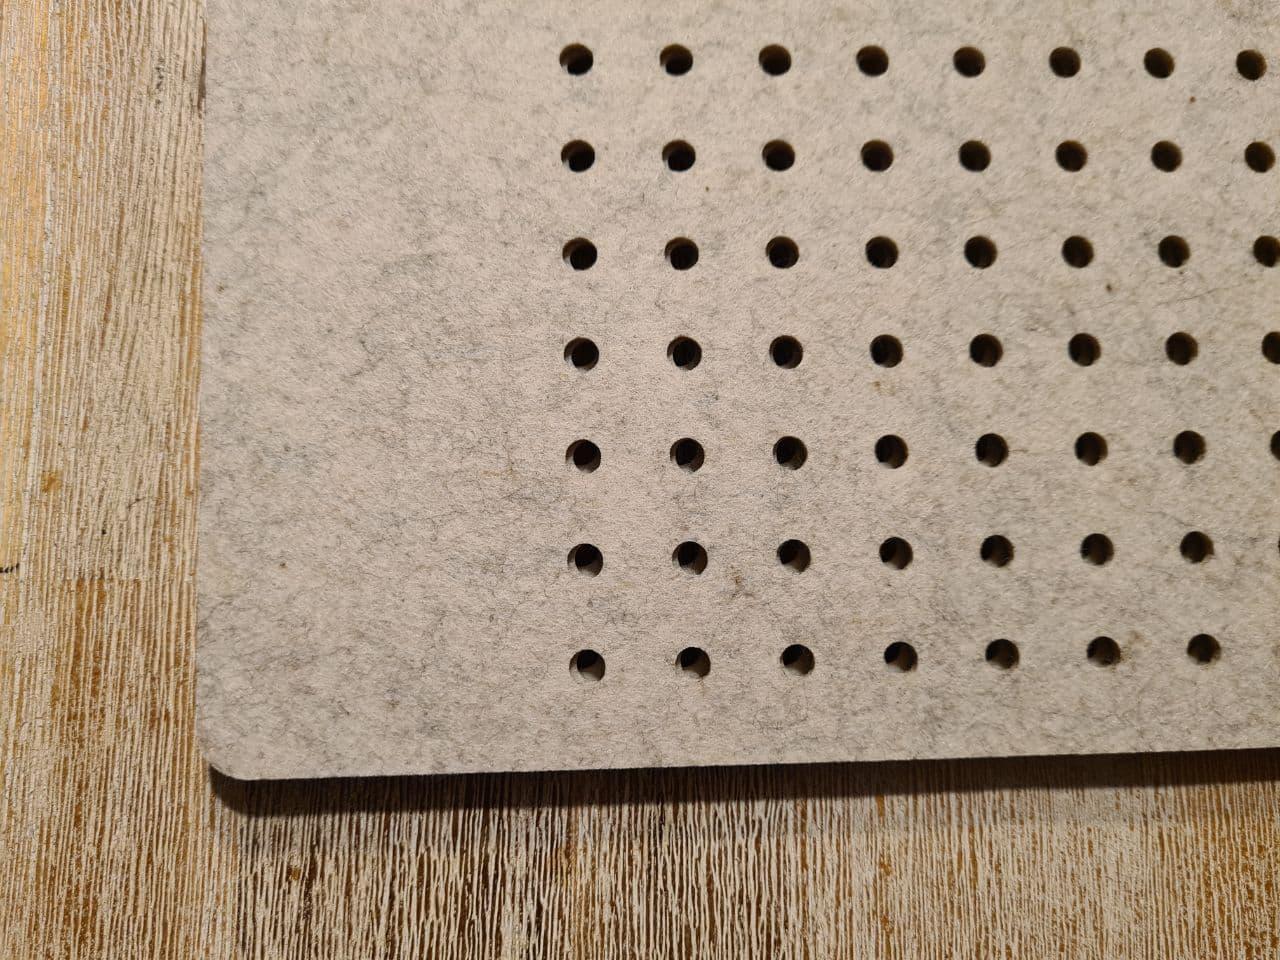 Cremefarbener Filz-Untersetzter mit Löcherreihe - Handgemachte individualisierbare Taschen, Körbe, Tischsets, Dekoartikel und mehr auf fideko.de der Onlineshop seit 2011